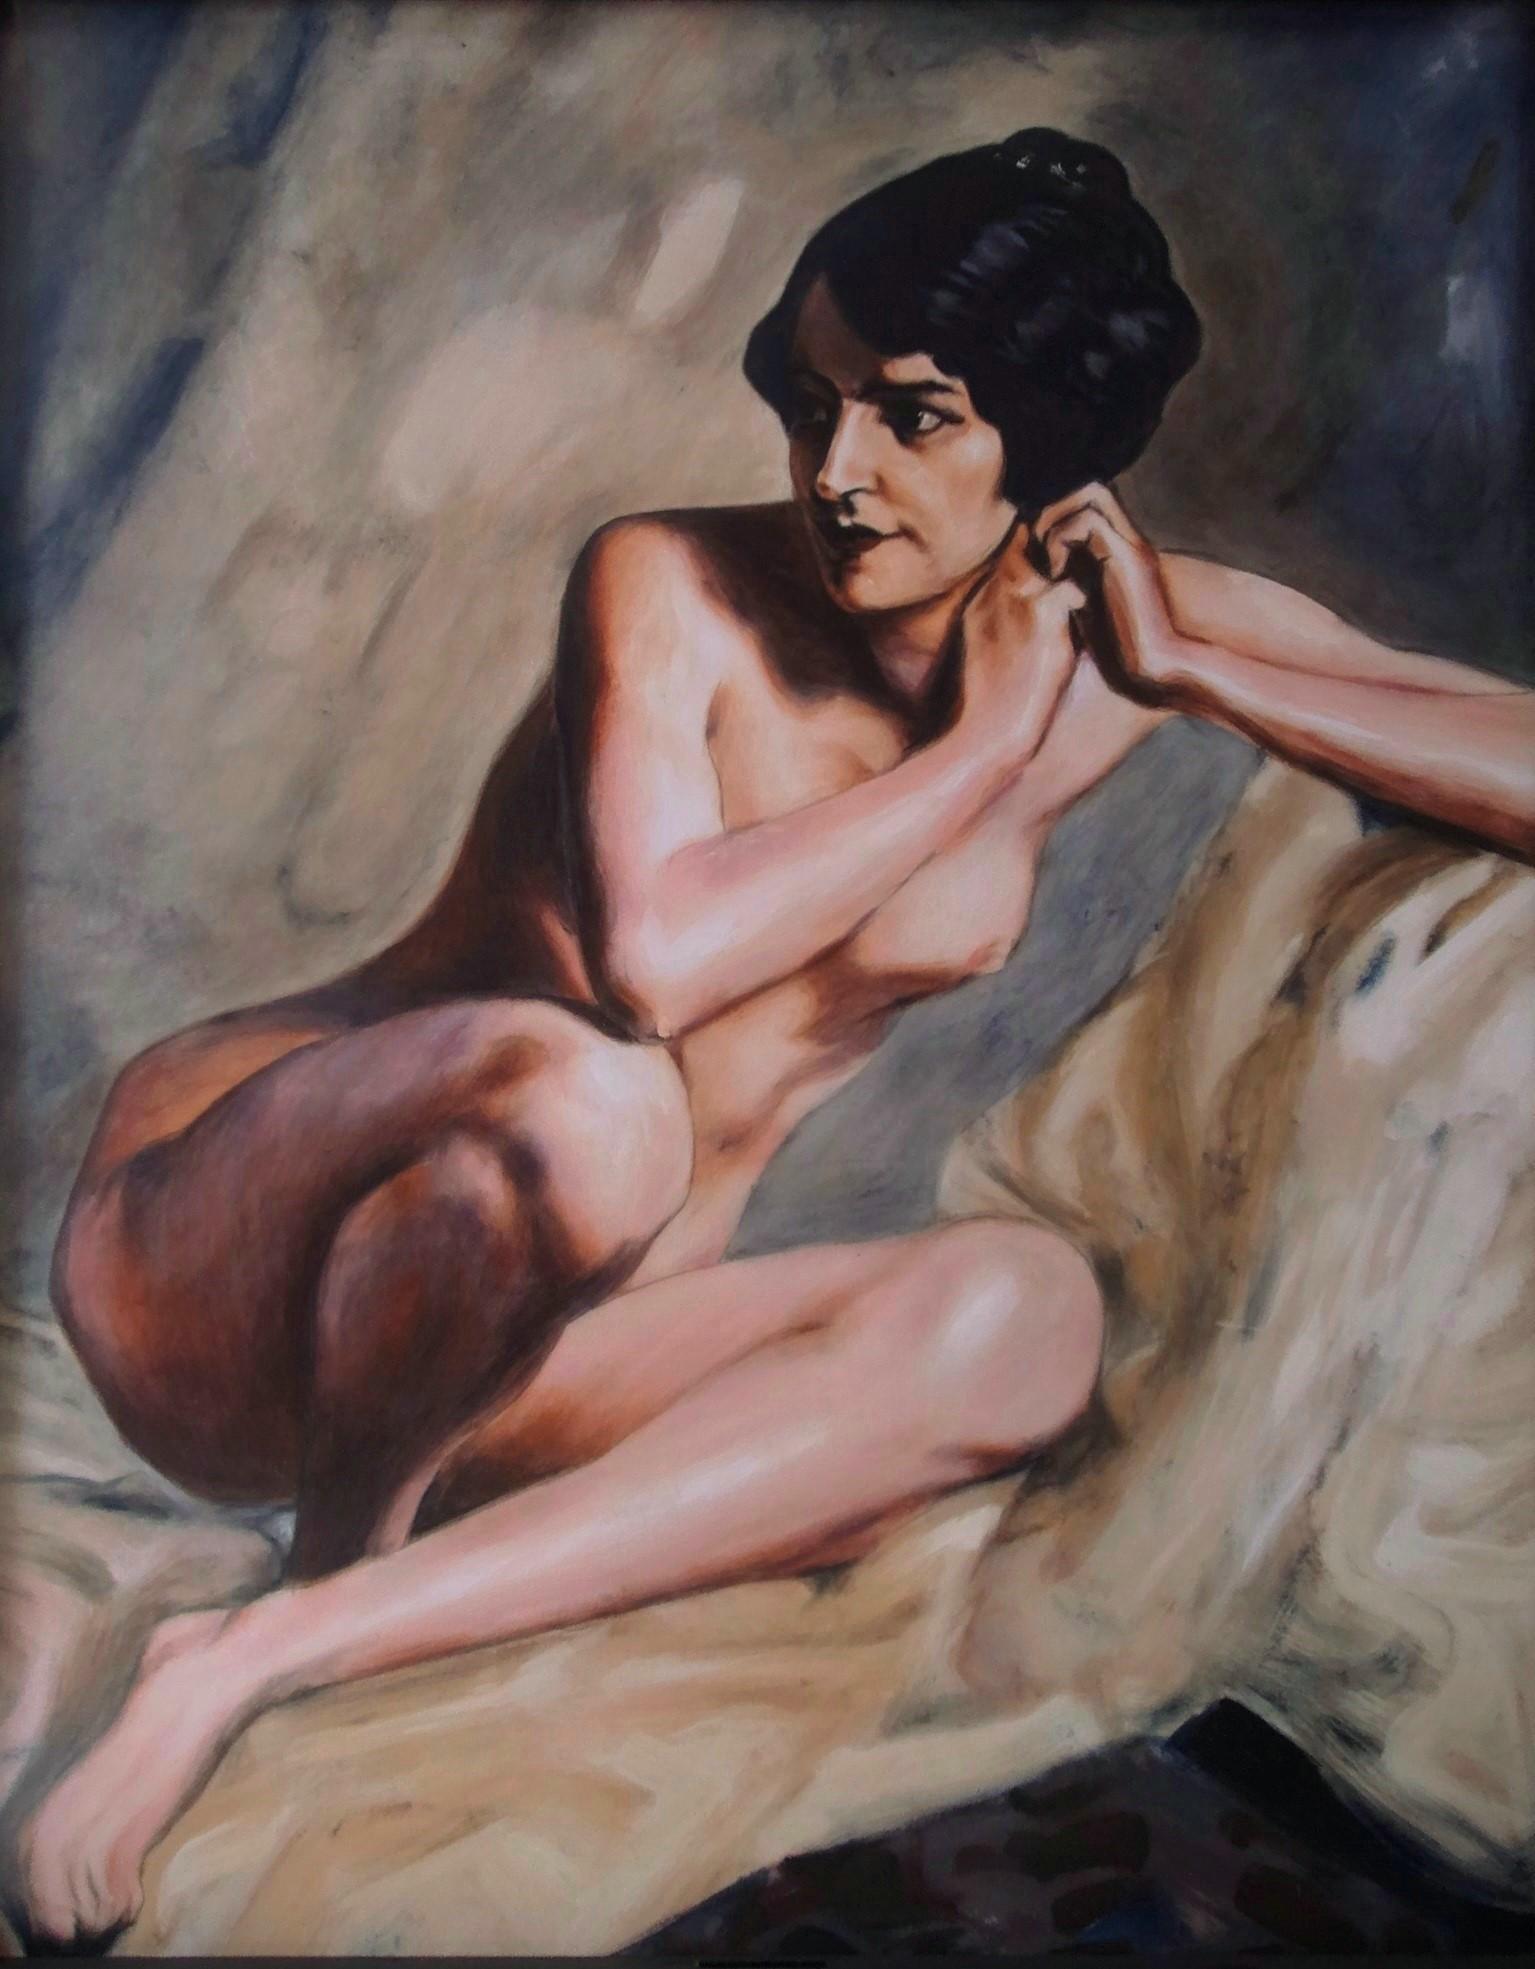 Kopie nach A. von Keller, Akryl auf Holz, 92 x 115 cm